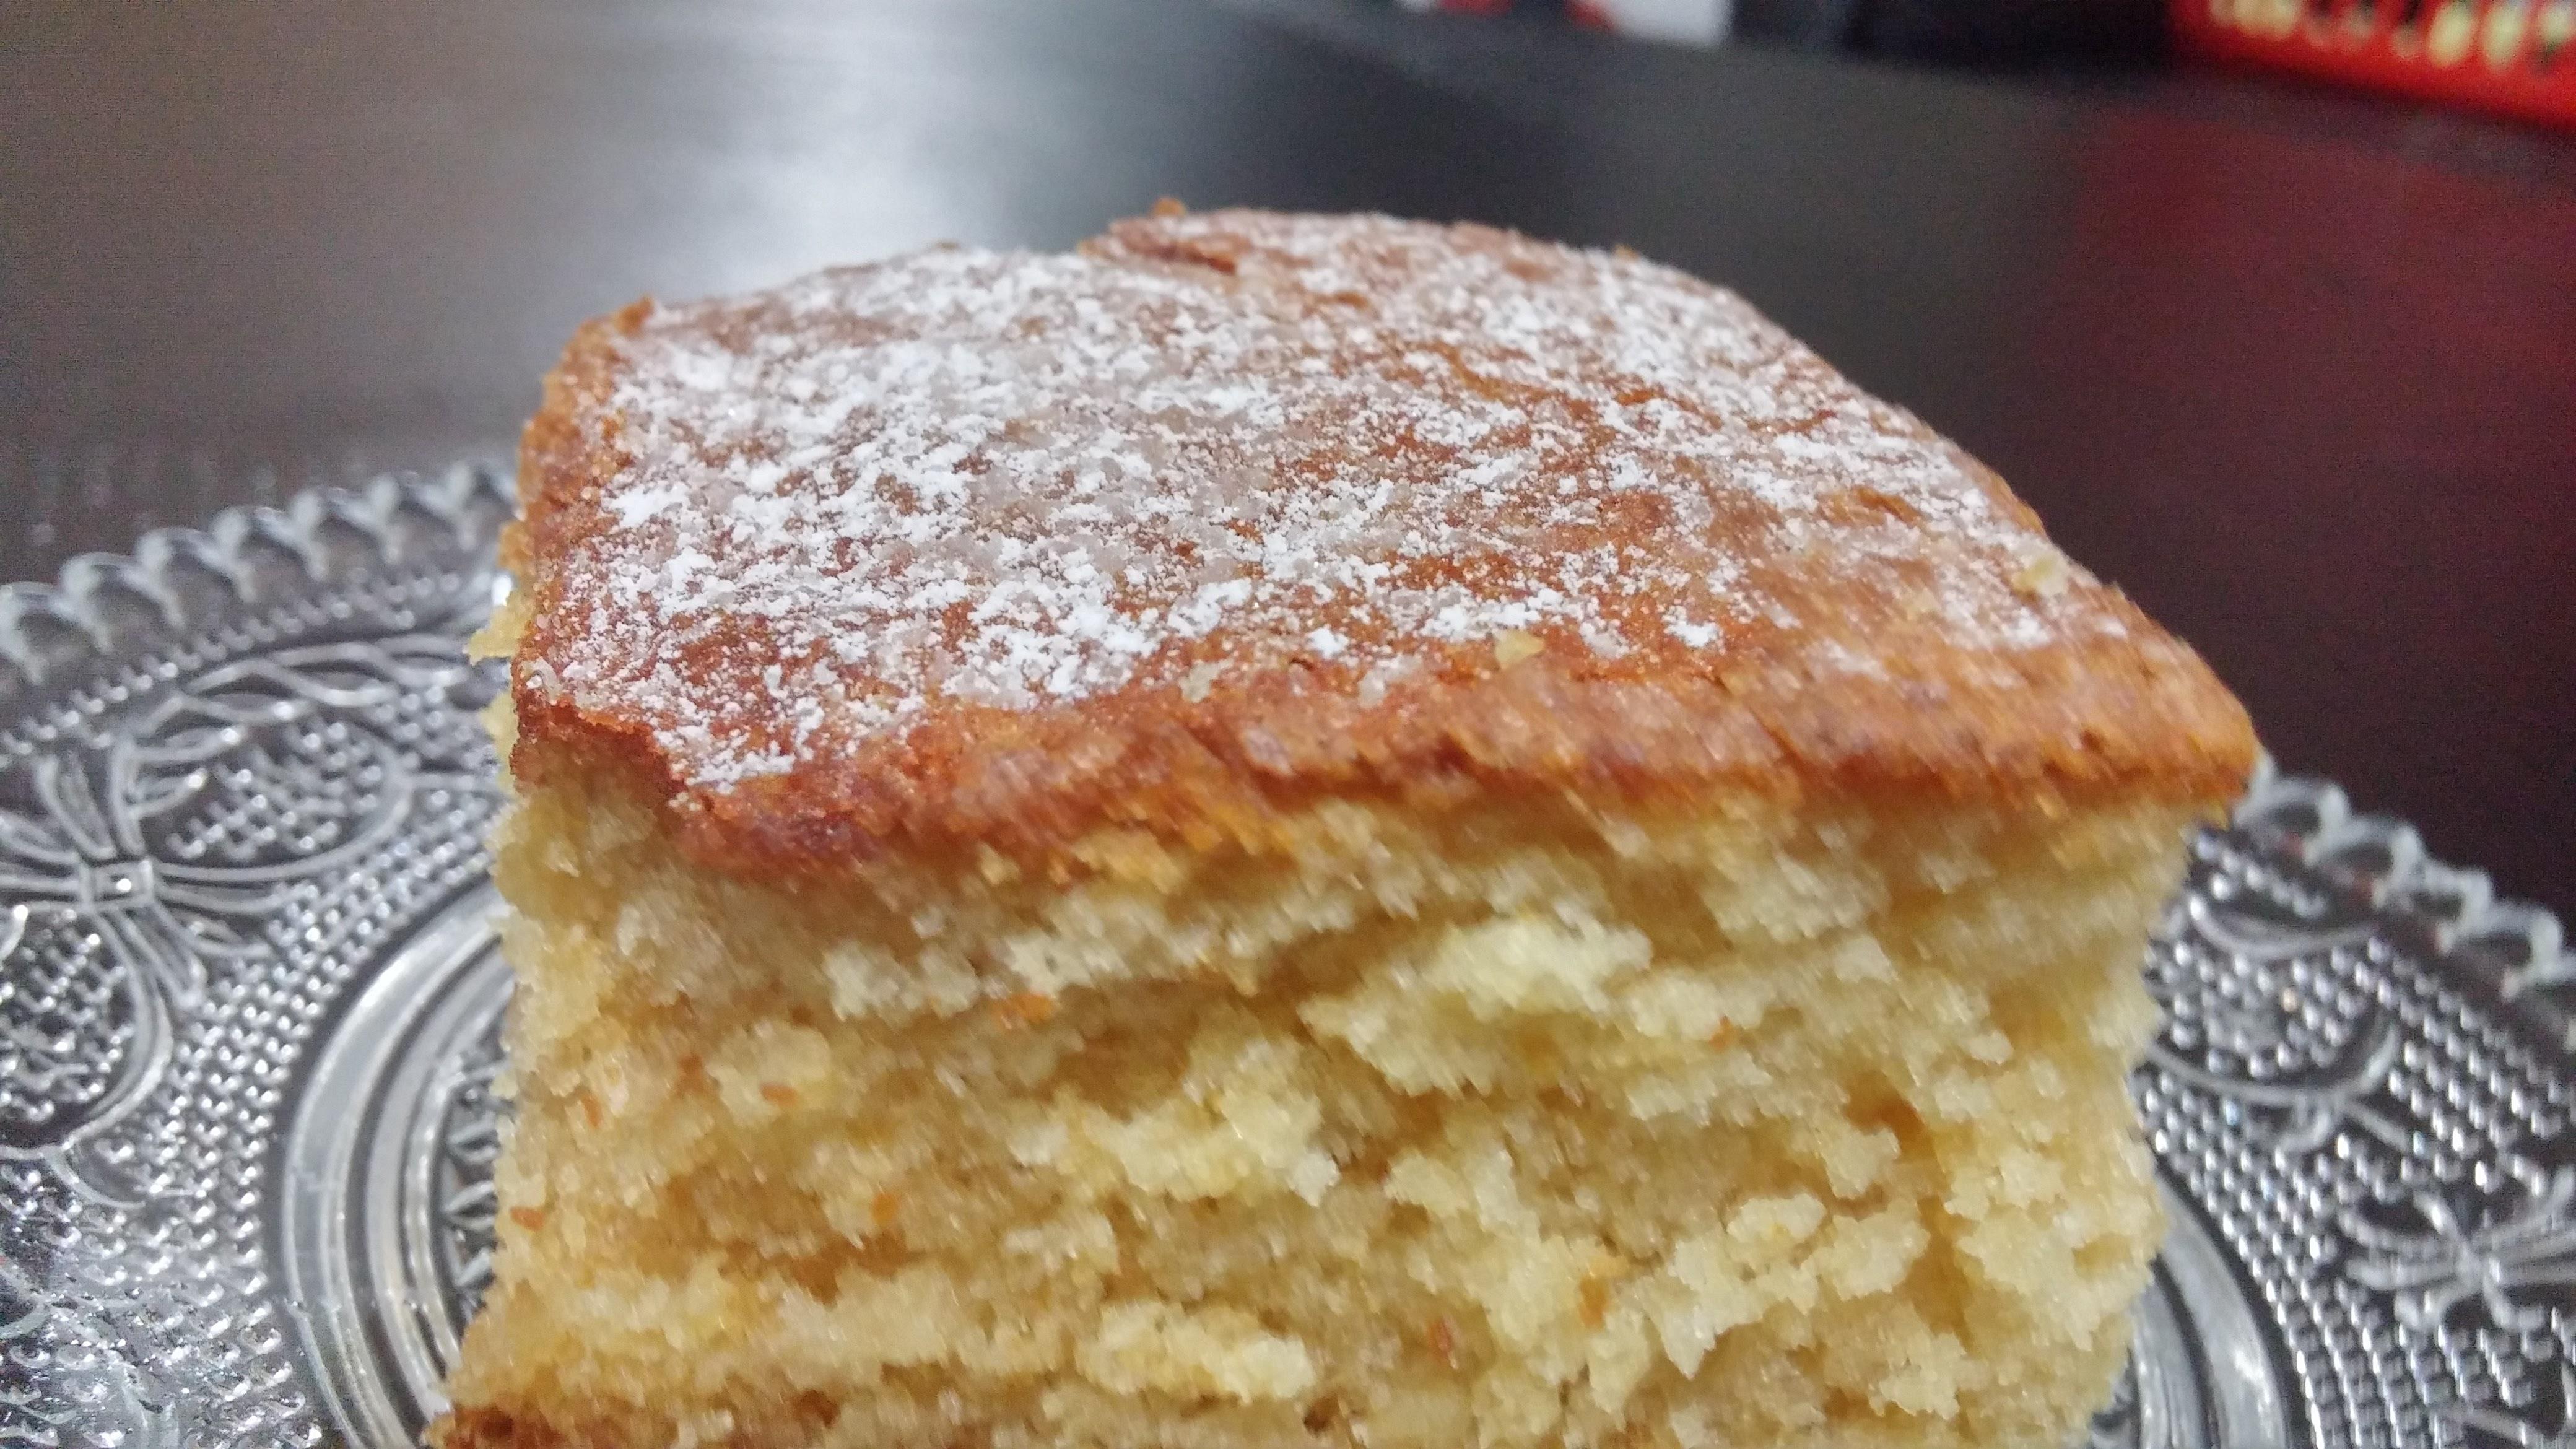 עוגת וניל כי לפעמים בא לגוון – בחושה, מהירה, קלה וטעימה